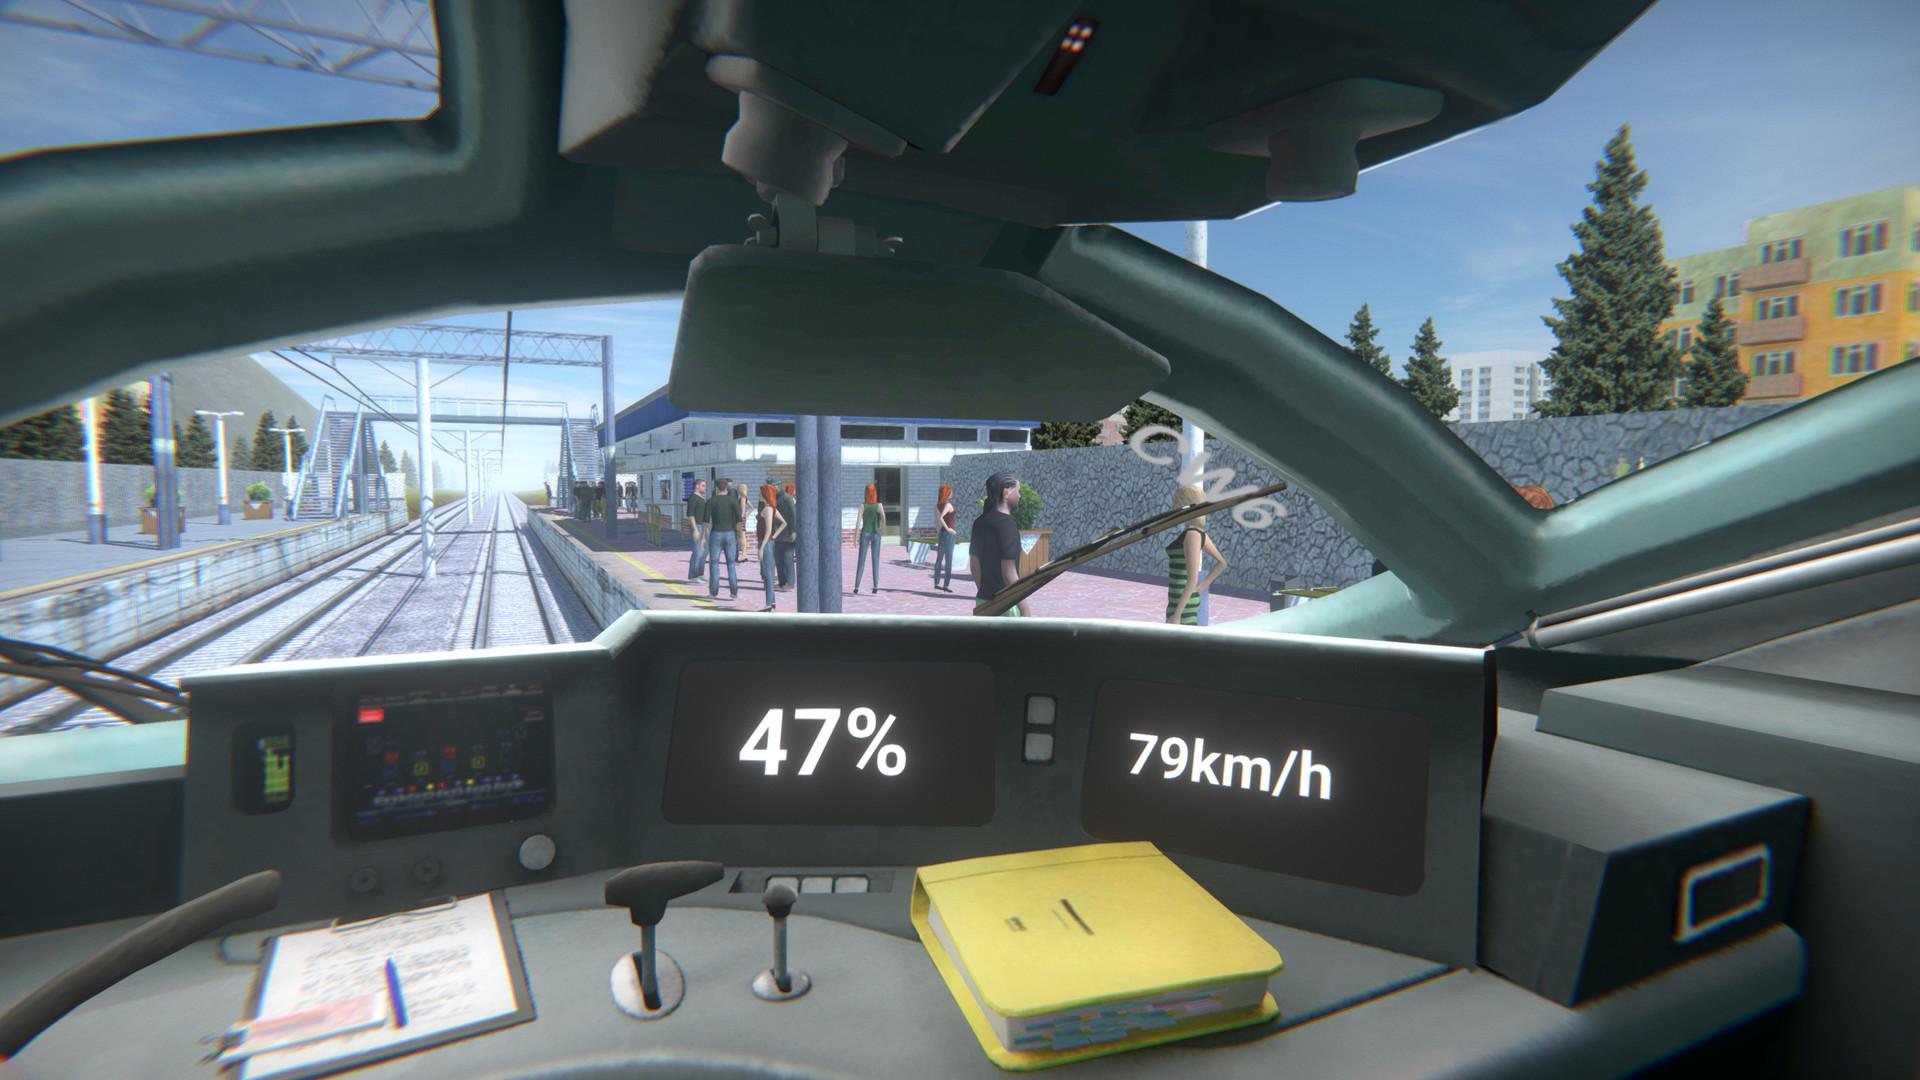 Халява! В Windows Store раздают симулятор машиниста High Speed Trains 3D